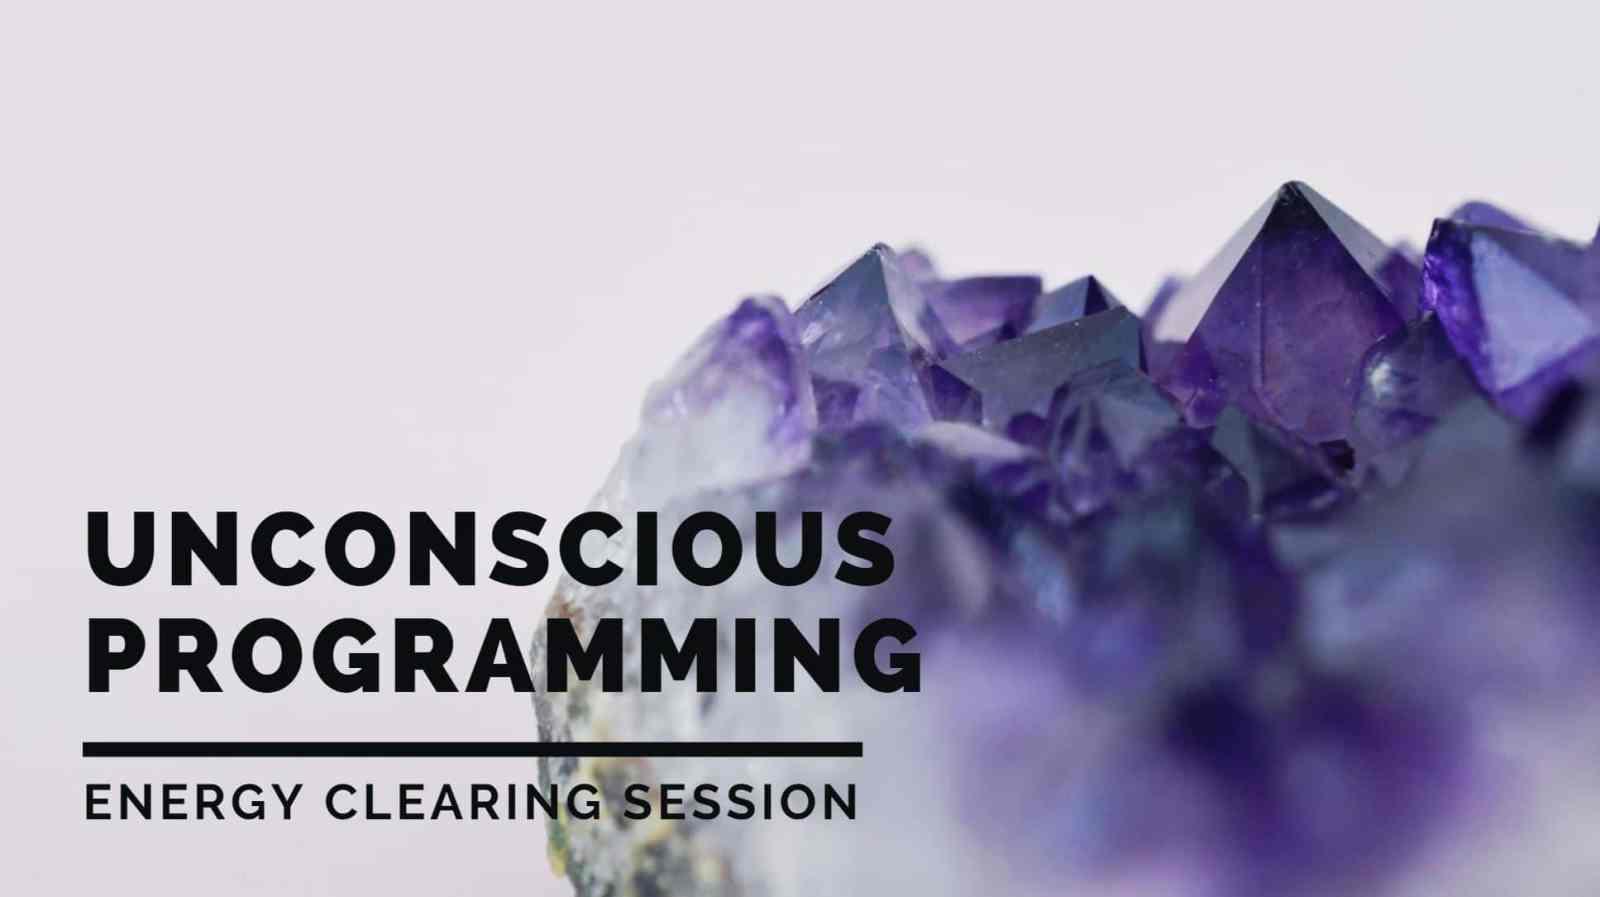 Unconscious habits